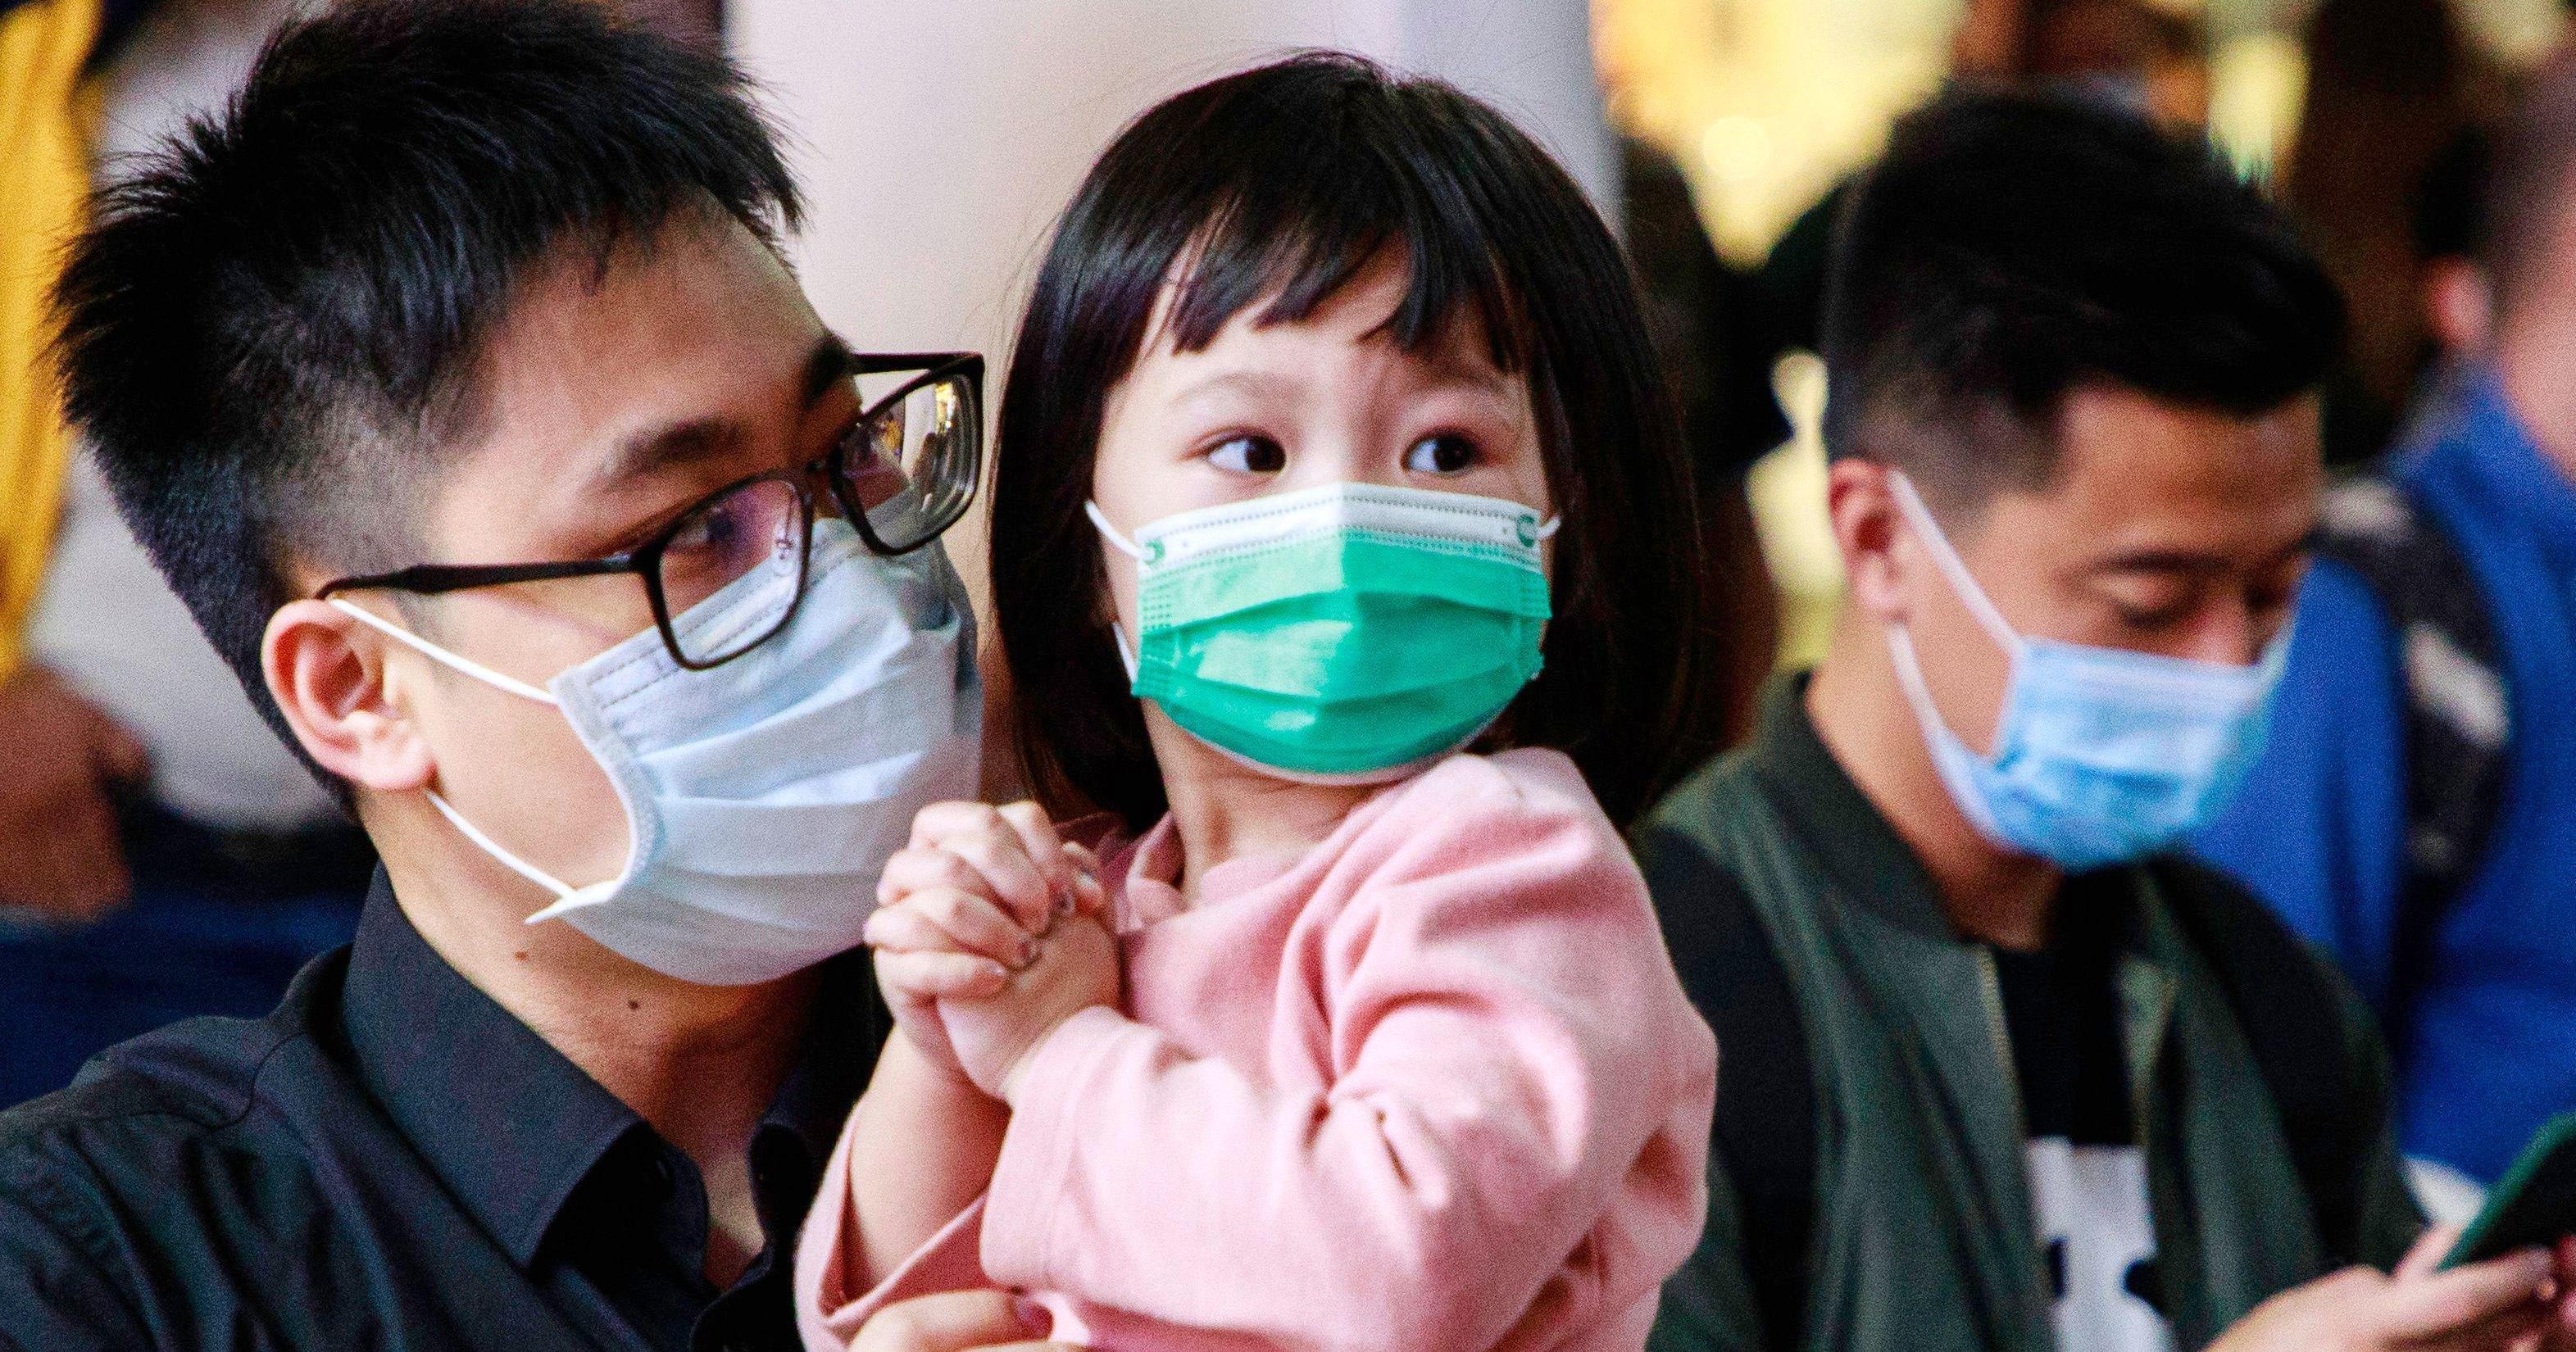 Дети младше 5 лет могут распространять коронавирус больше, чем взрослые